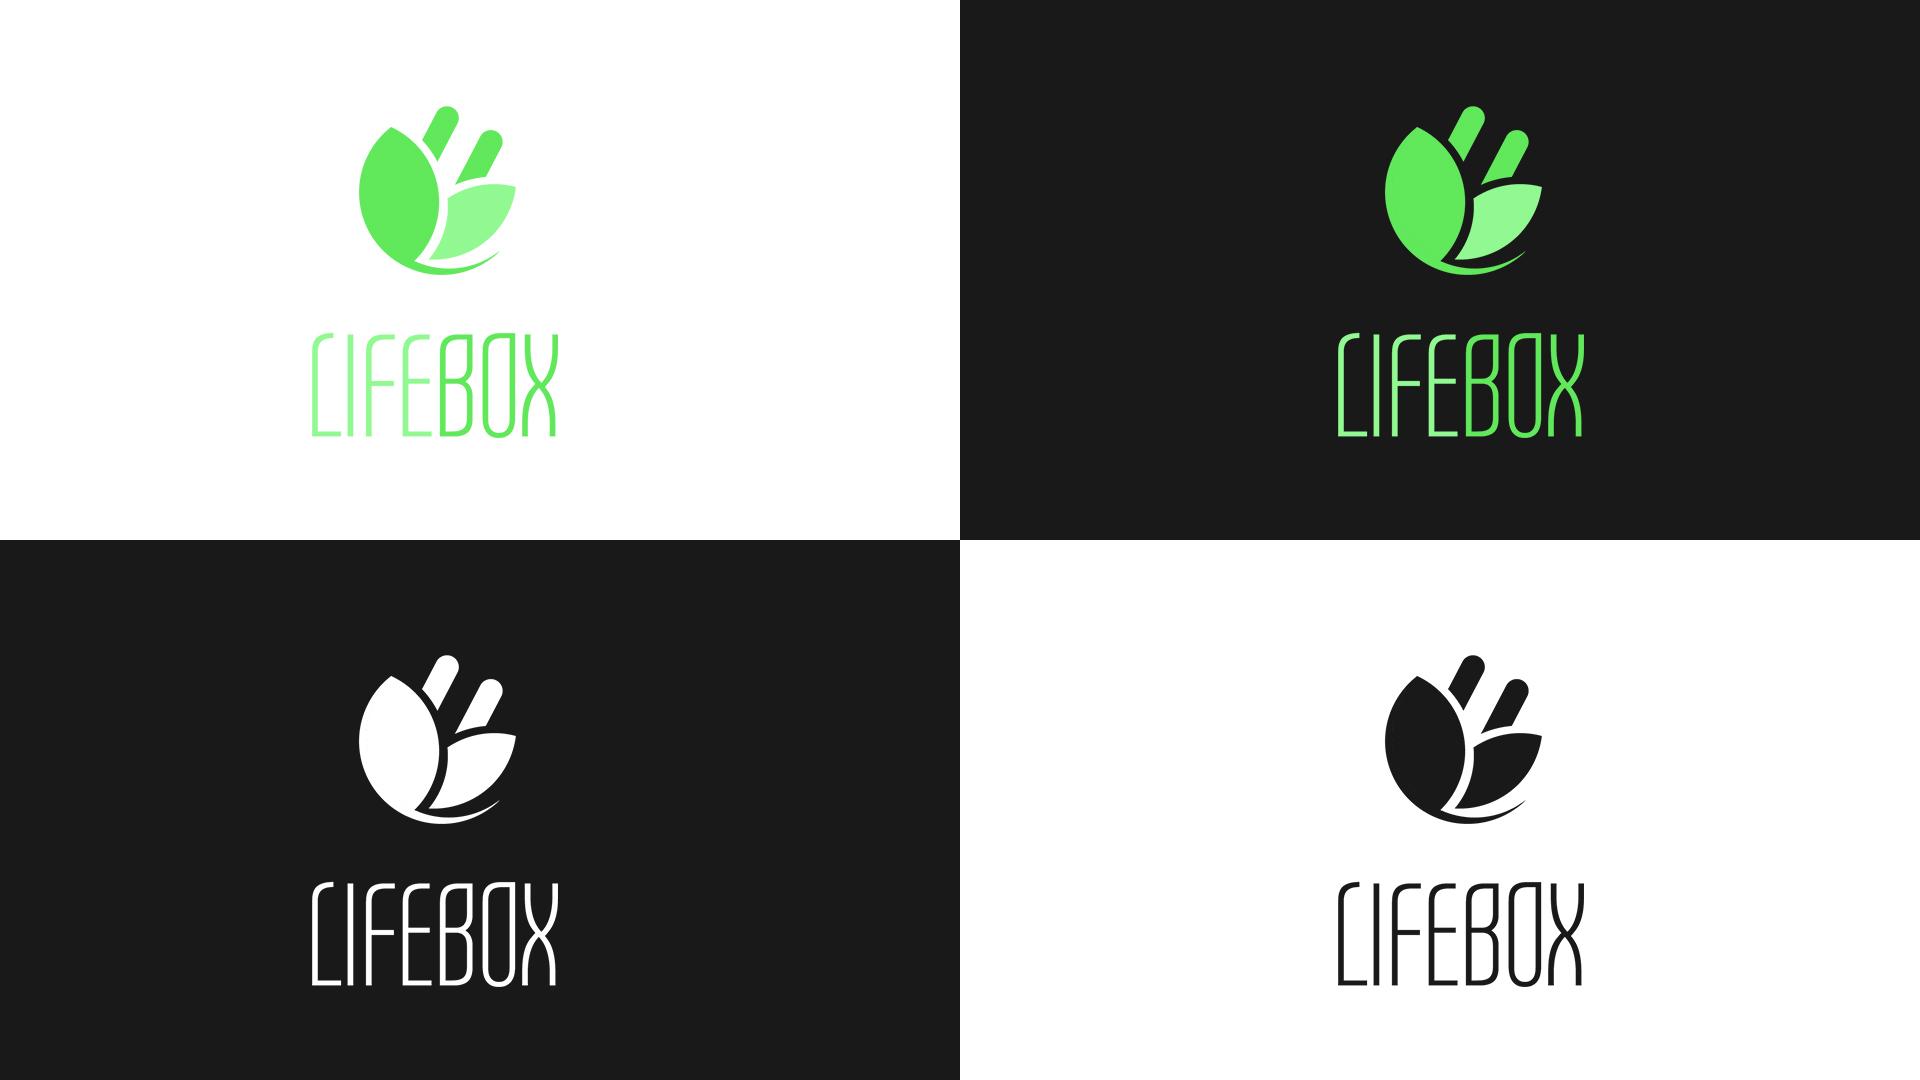 Разработка Логотипа. Победитель получит расширеный заказ  фото f_5215c2648ee96f1e.jpg